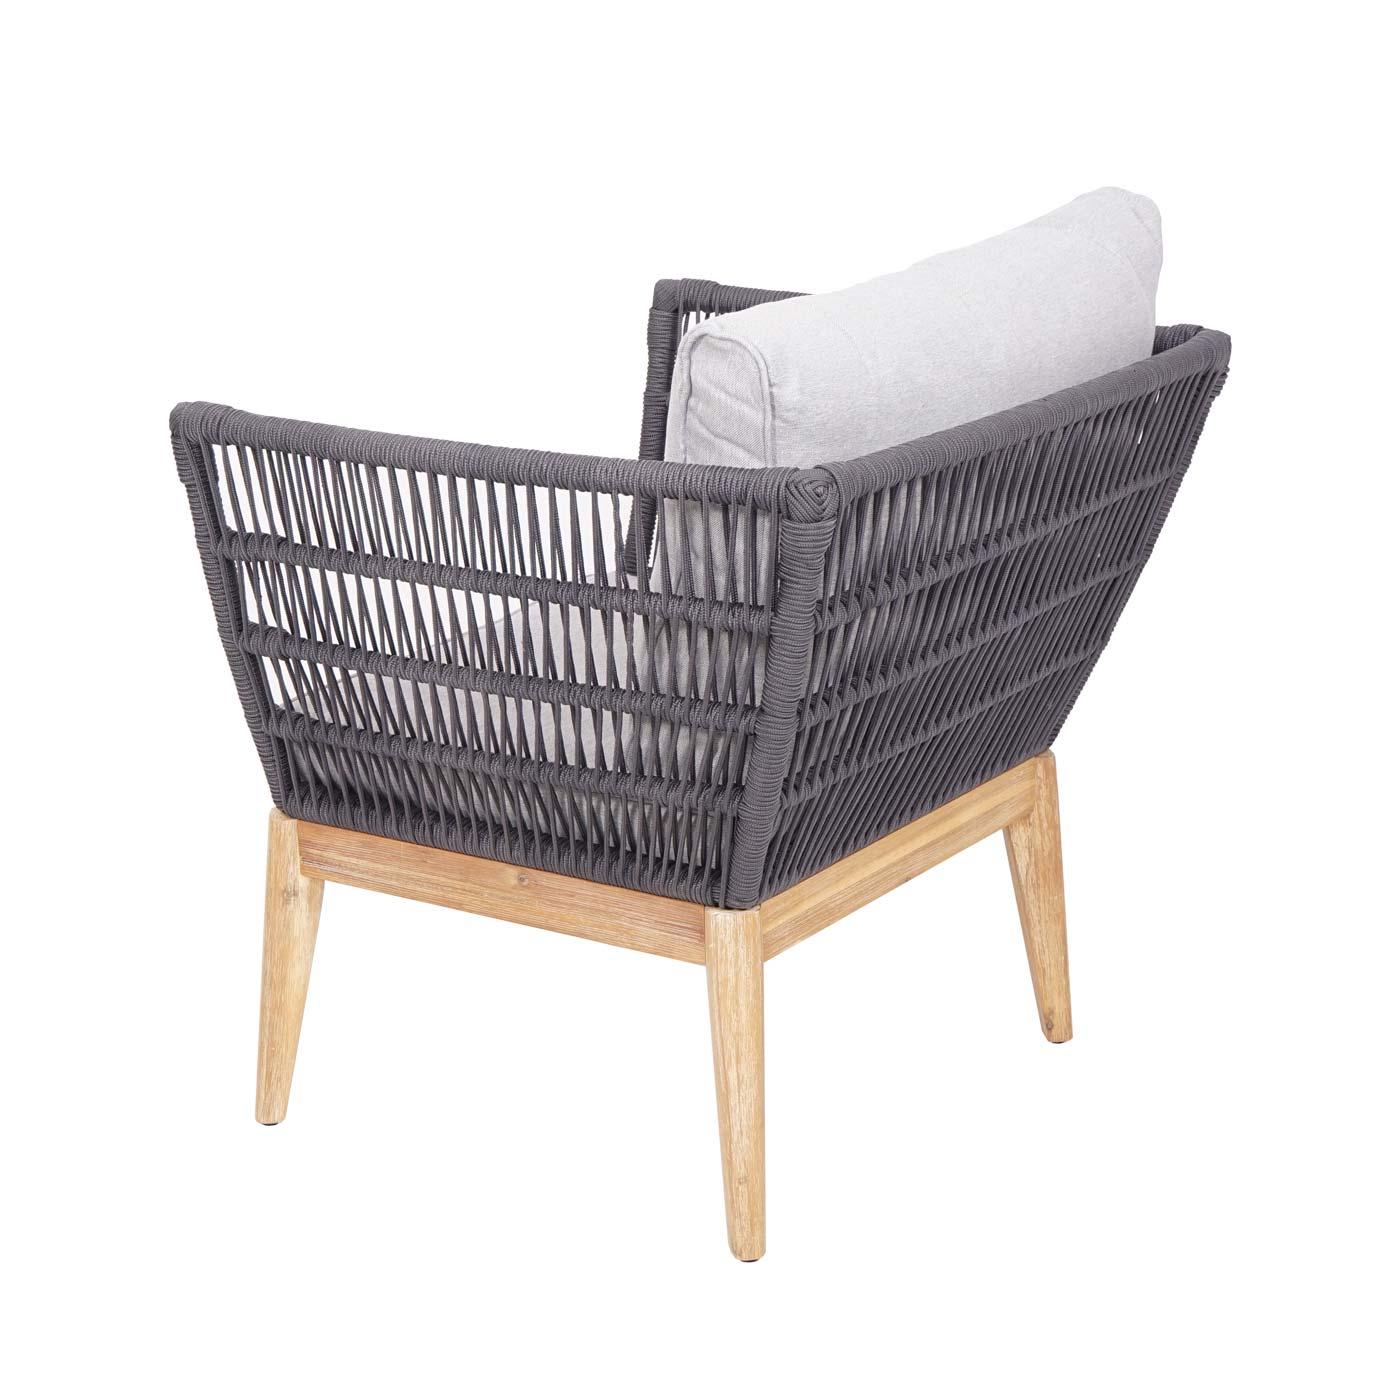 Gartengarnitur HWC-H55 Sessel Rückansicht